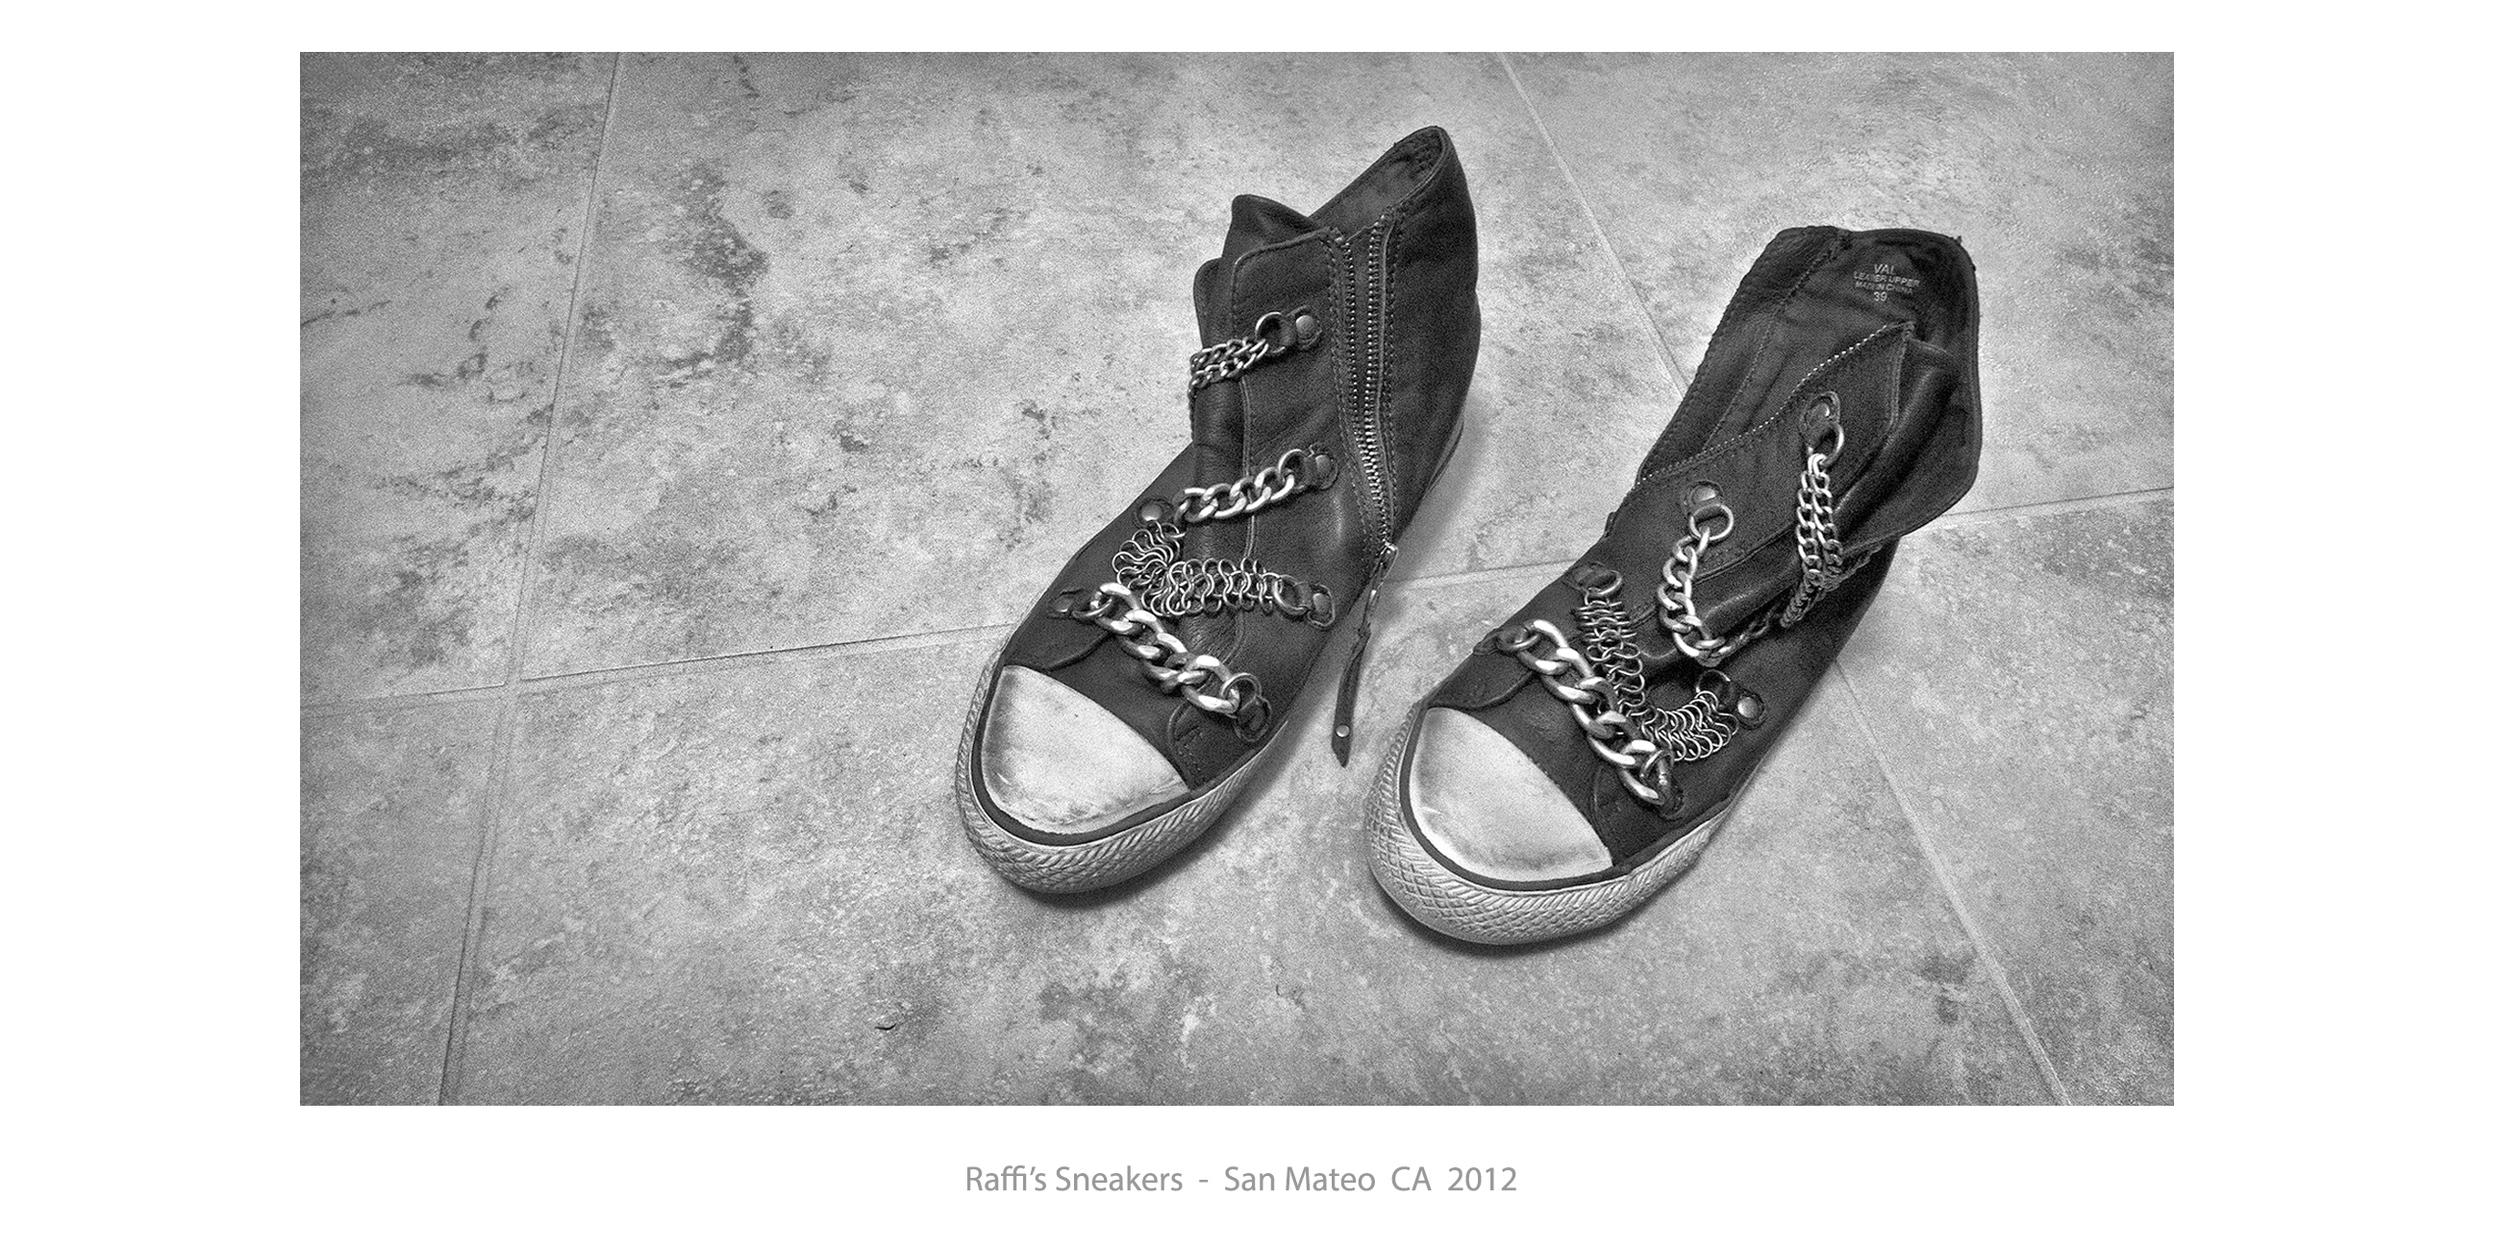 Raffis_sneakers.JPG